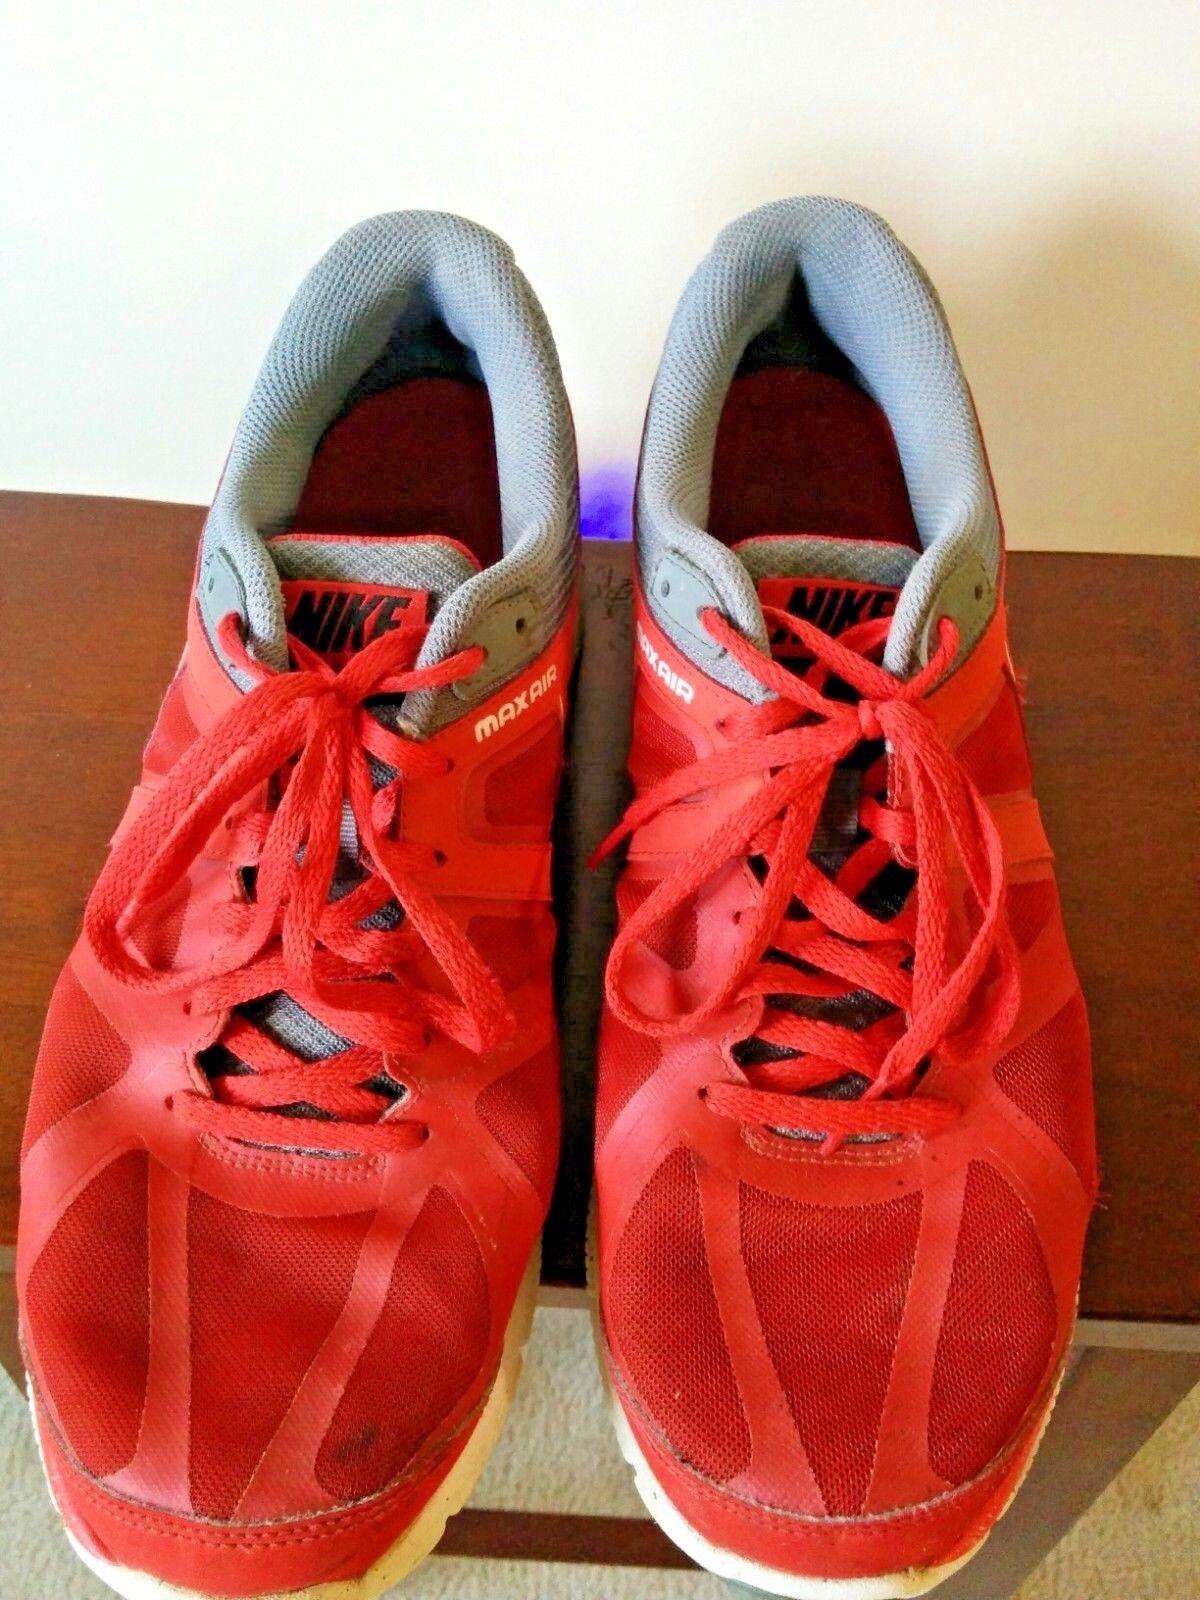 NIKE Air Sneakers Max Run Lite 4 Running Low Cut Sneakers Air Shoes US 12 4ecf5d